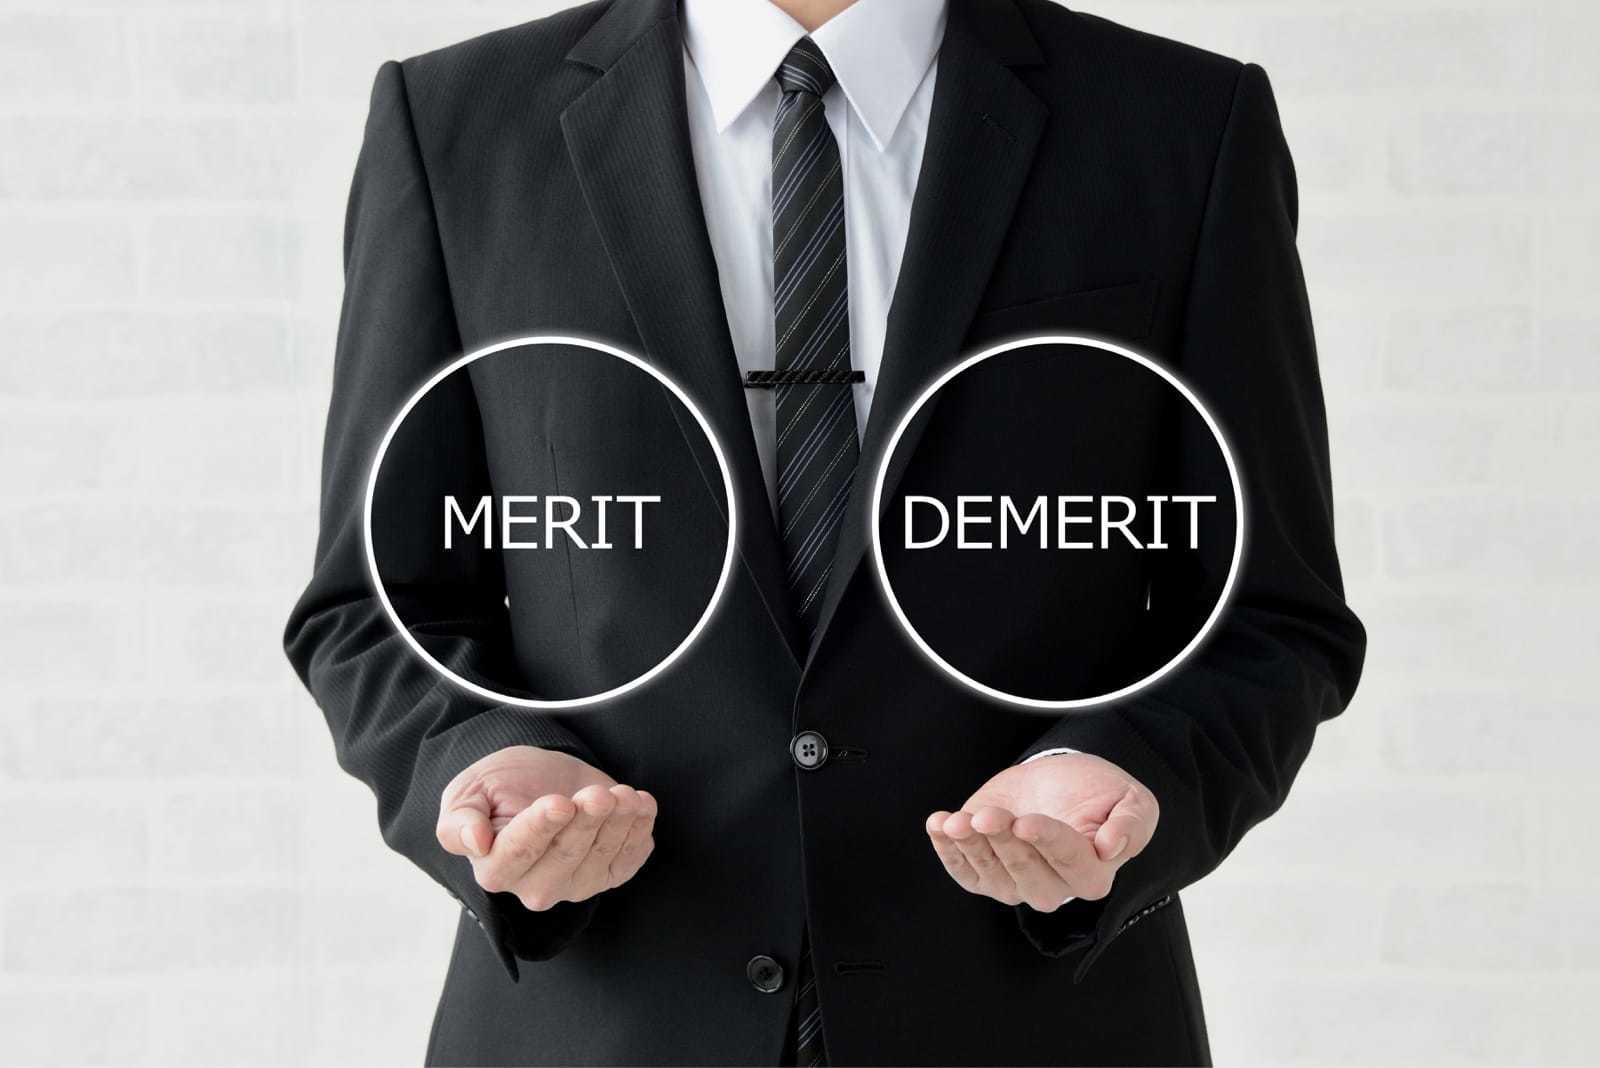 メリットとデメリットの双方を手にするビジネスマン